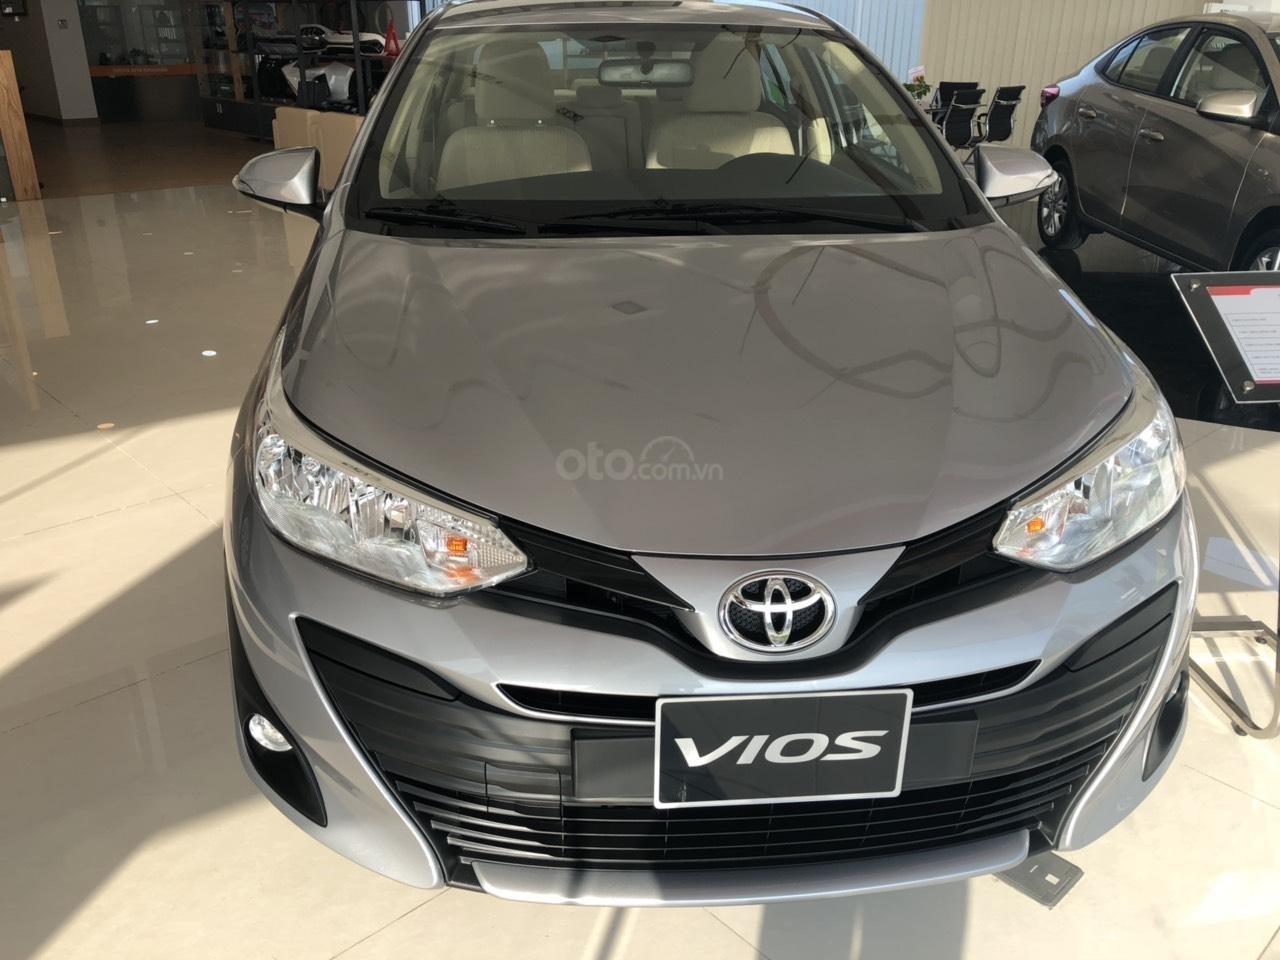 Toyota Vios 1.5E CVT đời 2019, màu bạc, hỗ trợ vay 85%, thanh toán 130tr nhận xe, lãi 0,6%/tháng-1